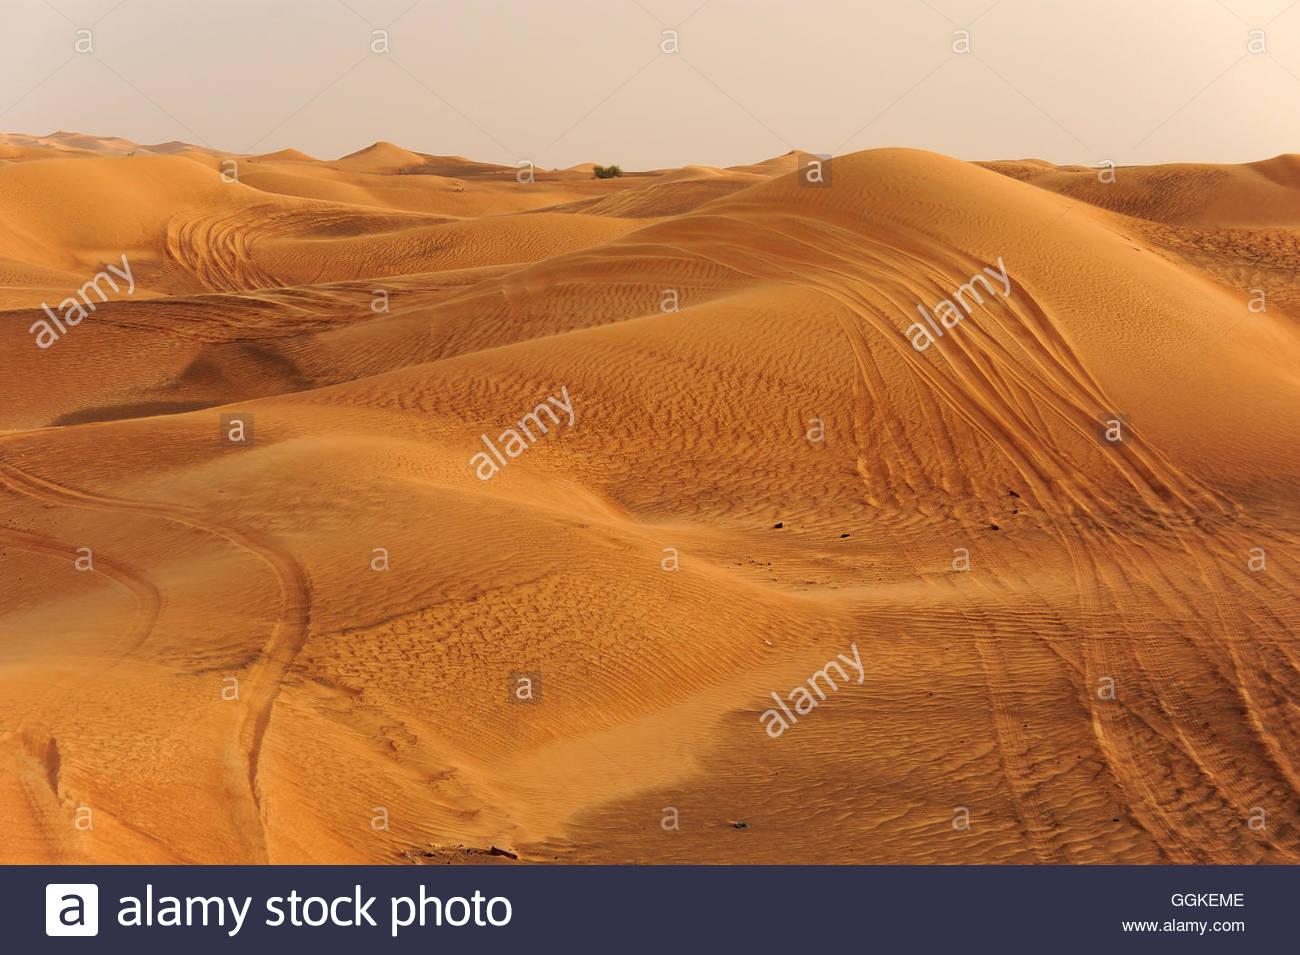 Marques de dérapage dans le désert près de Dubaï, Émirats Arabes Unis Photo Stock